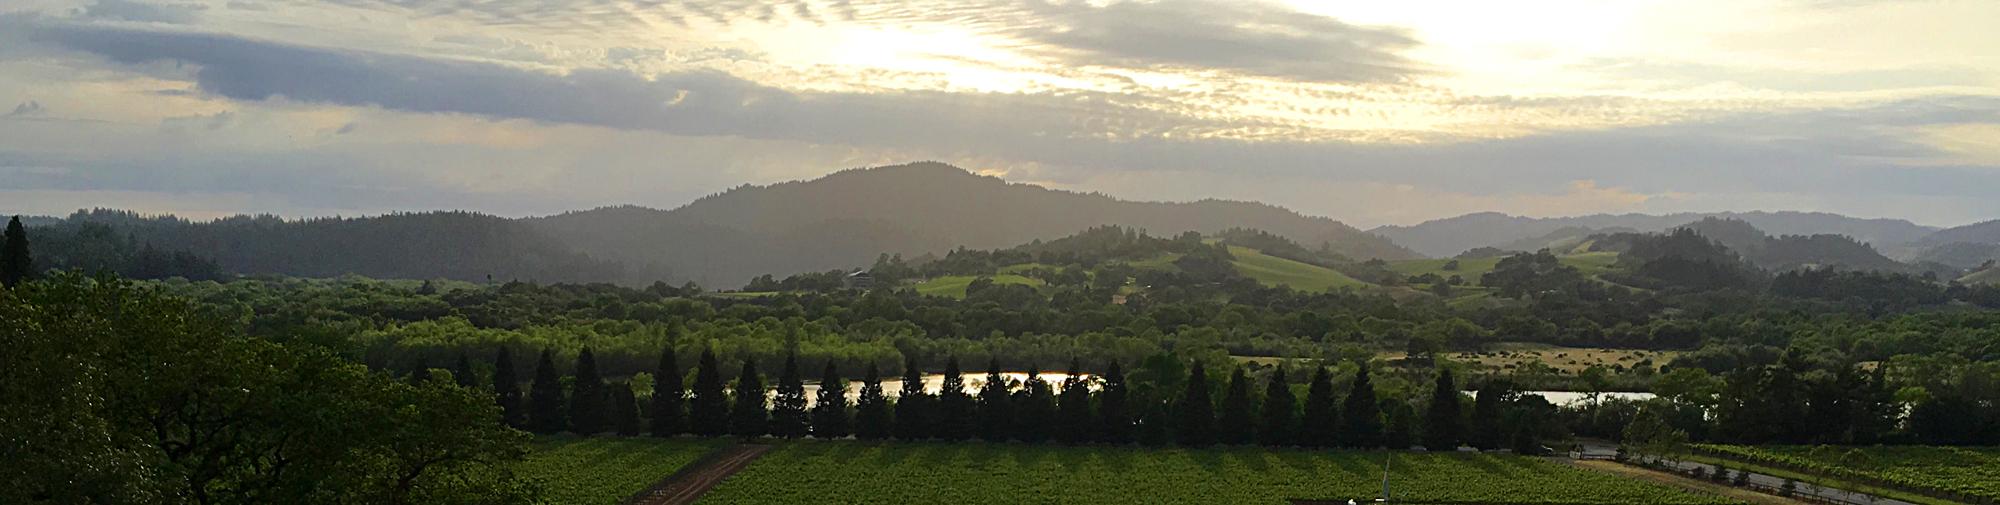 moshin vineyards